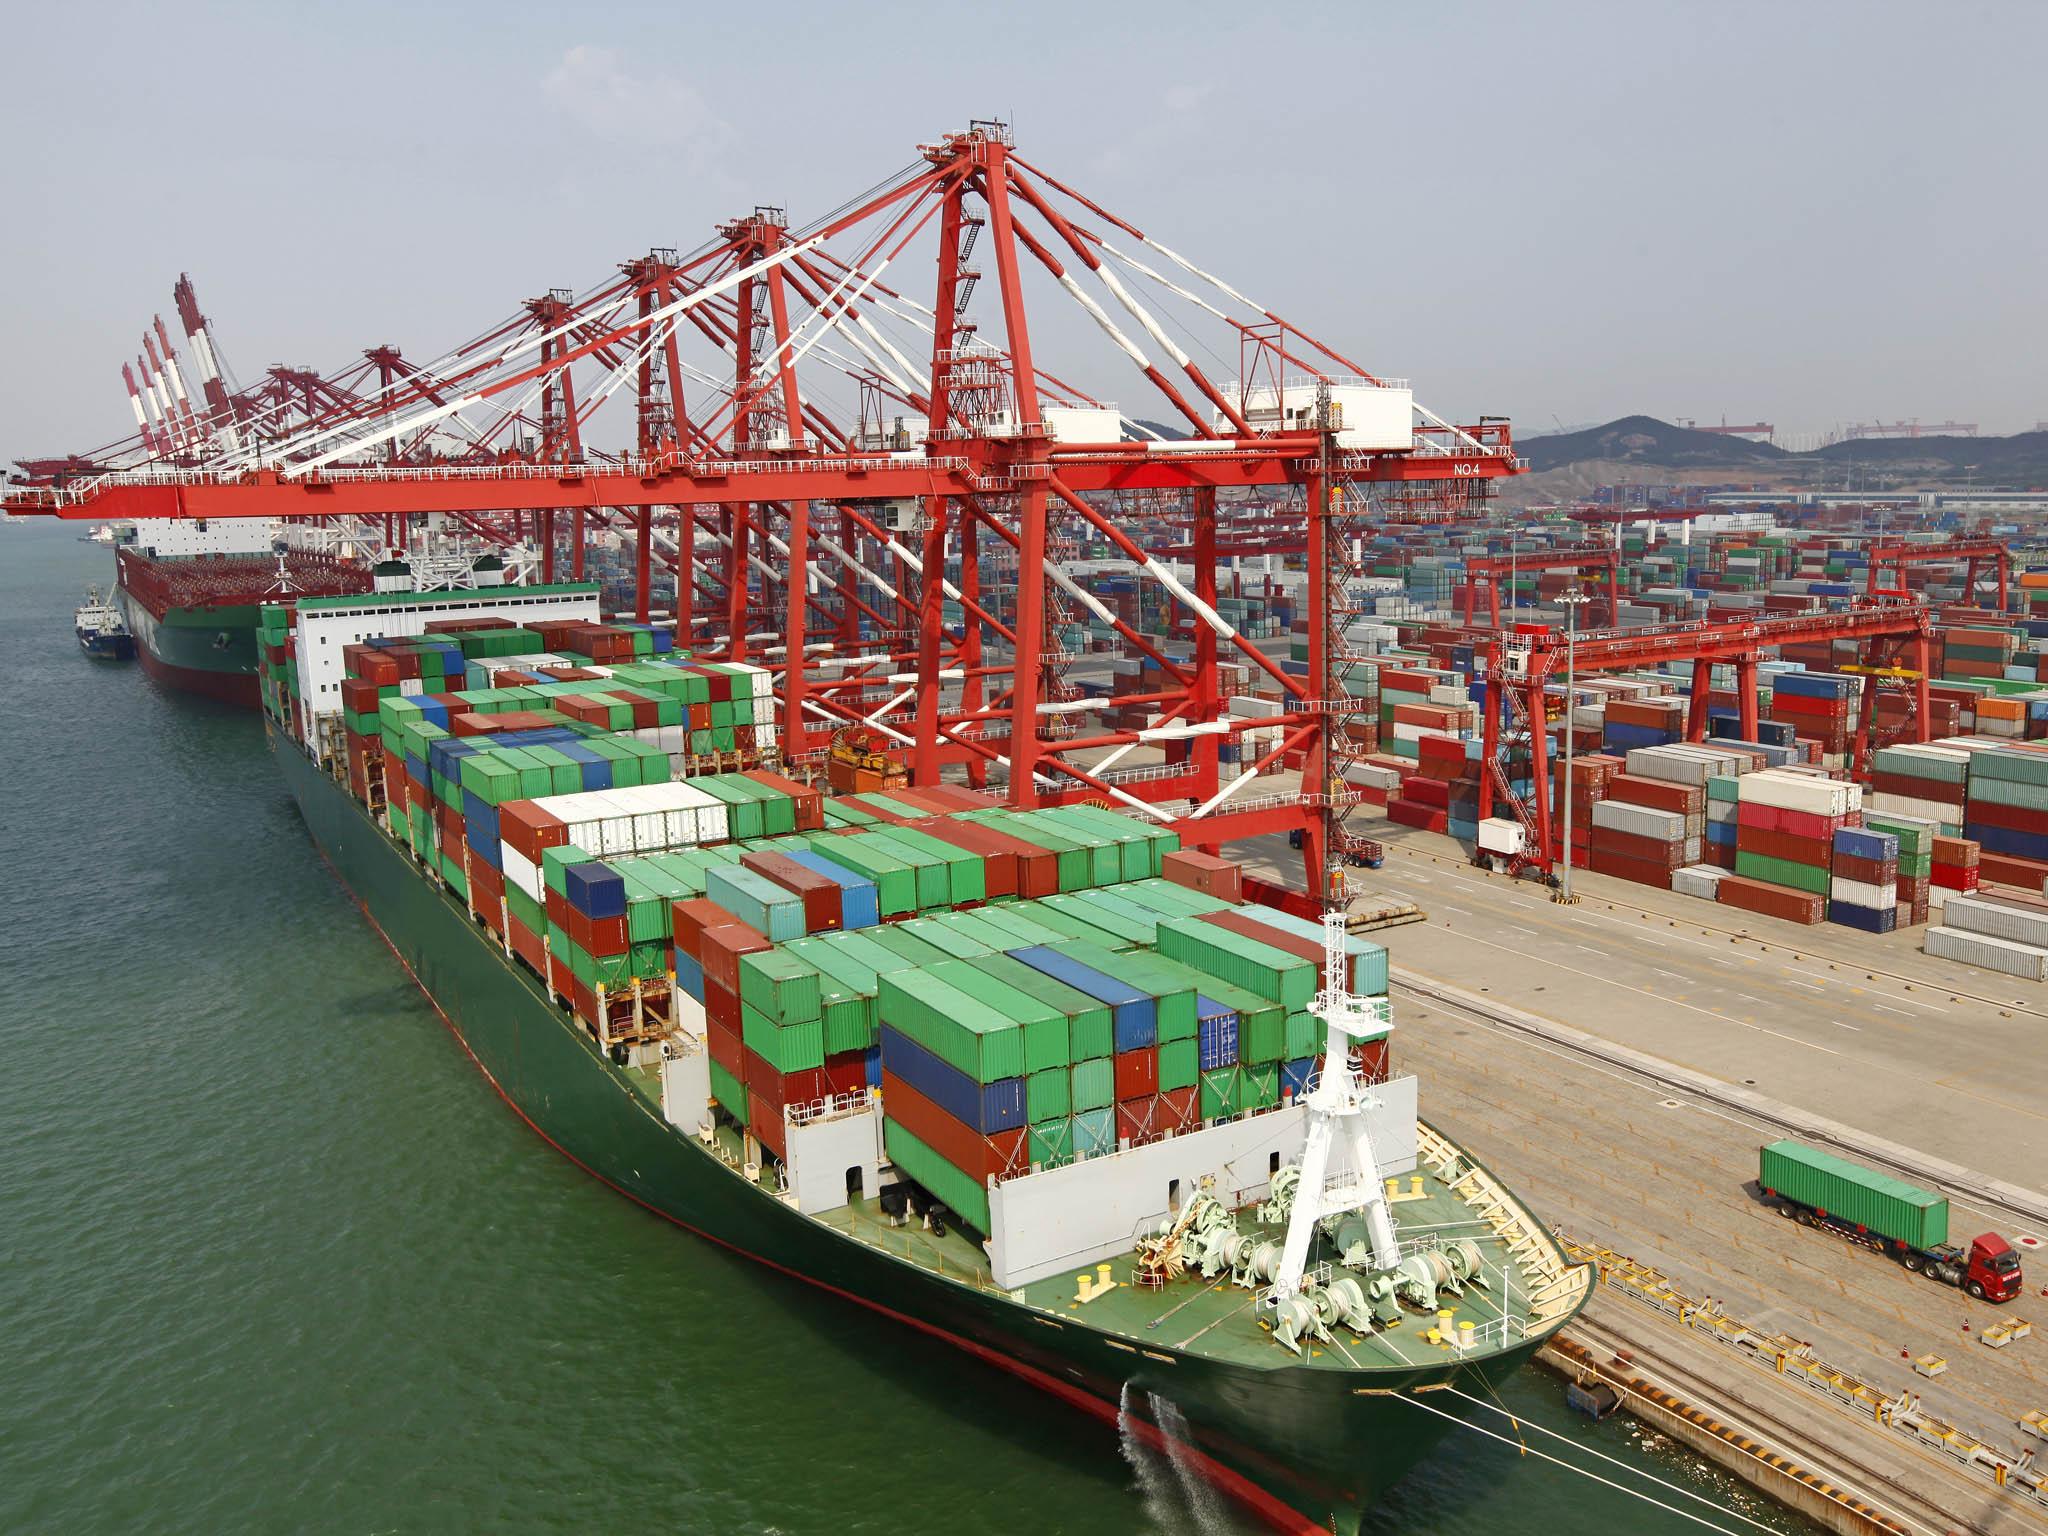 Čínasestala nejvlivnější zemí obrovské zóny volného obchodu, která byla podepsánavevietnamské Hanoji. Oblast zahrnuje 2,2 miliardy lidí z15 zemí azhruba třetinu světové ekonomiky.